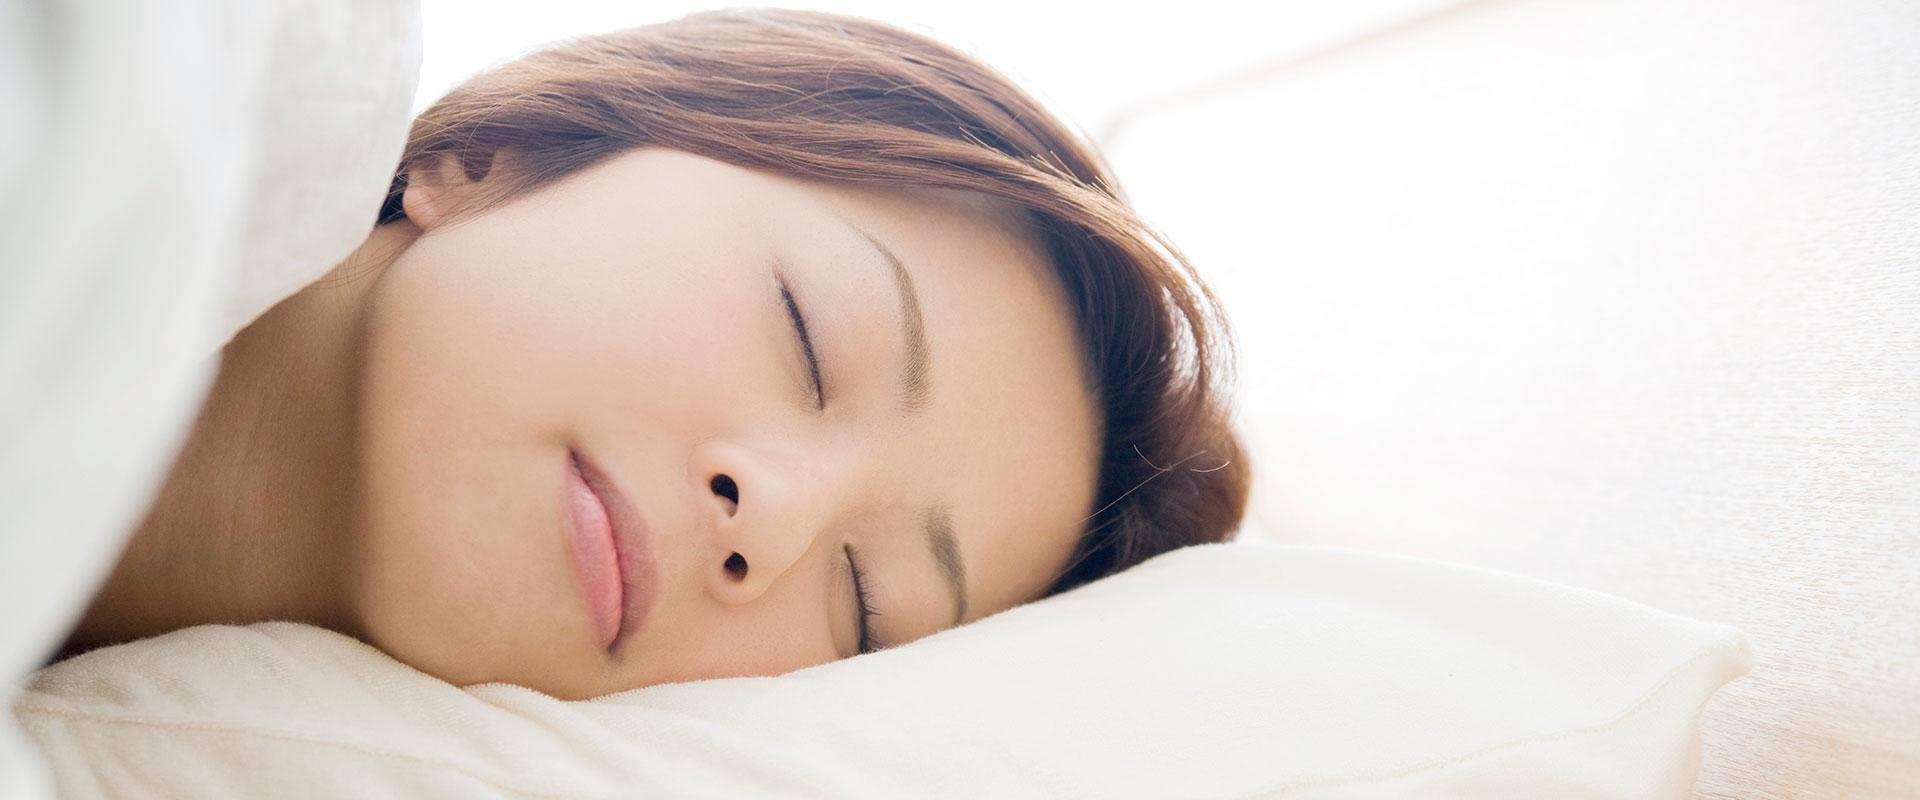 Mujer descansando sobre su almohada Soñare.